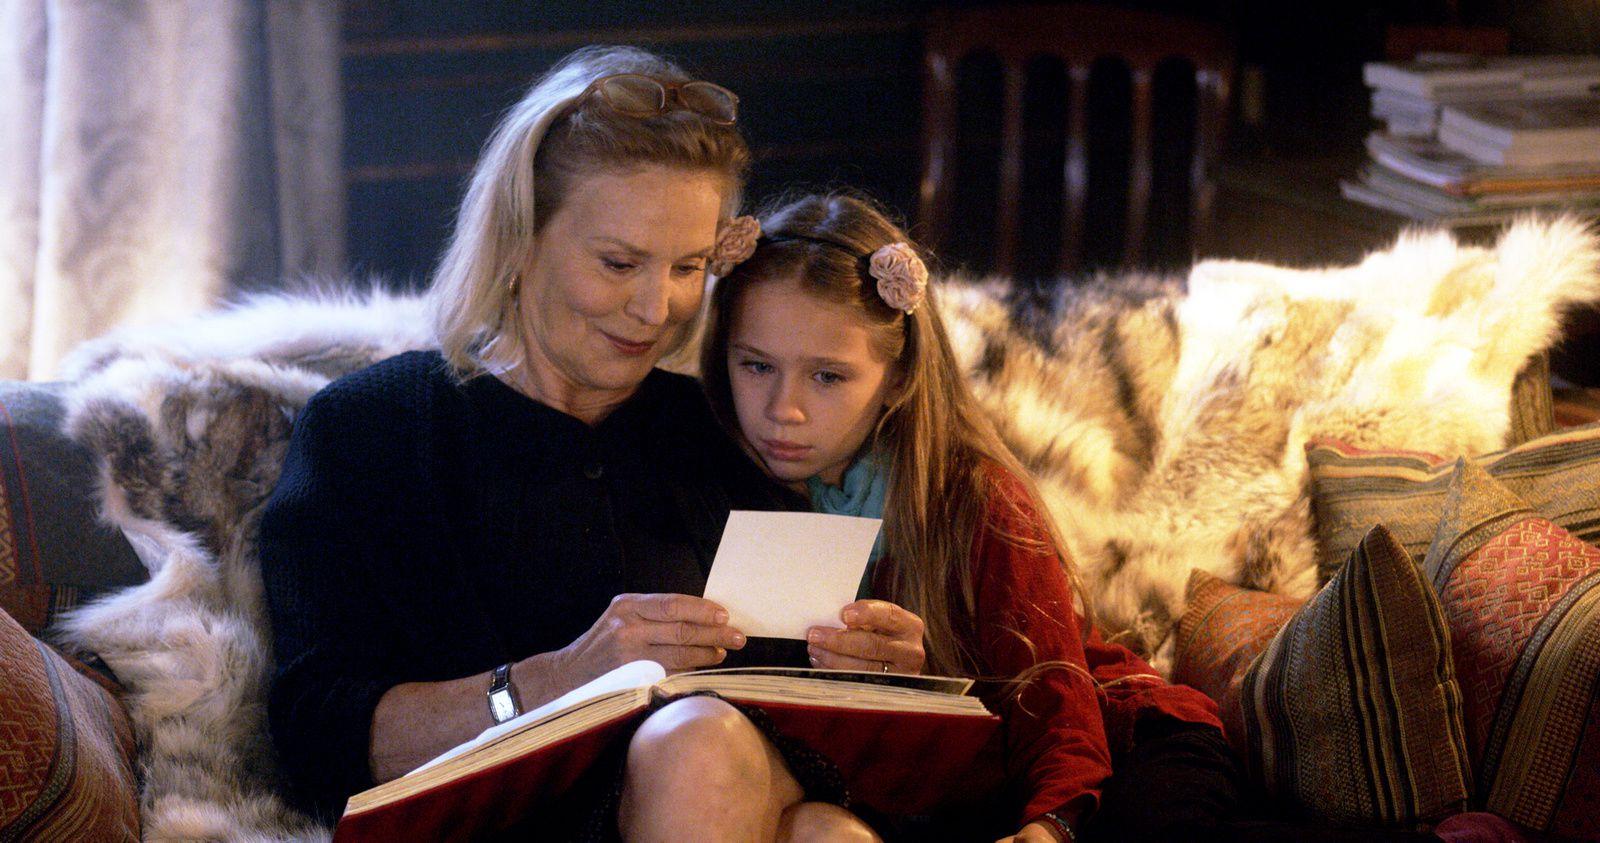 Dans les salles dès ce 25 décembre, La Sainte Famille, avec Marthe Keller, Laura Smet, Léa Drucker.